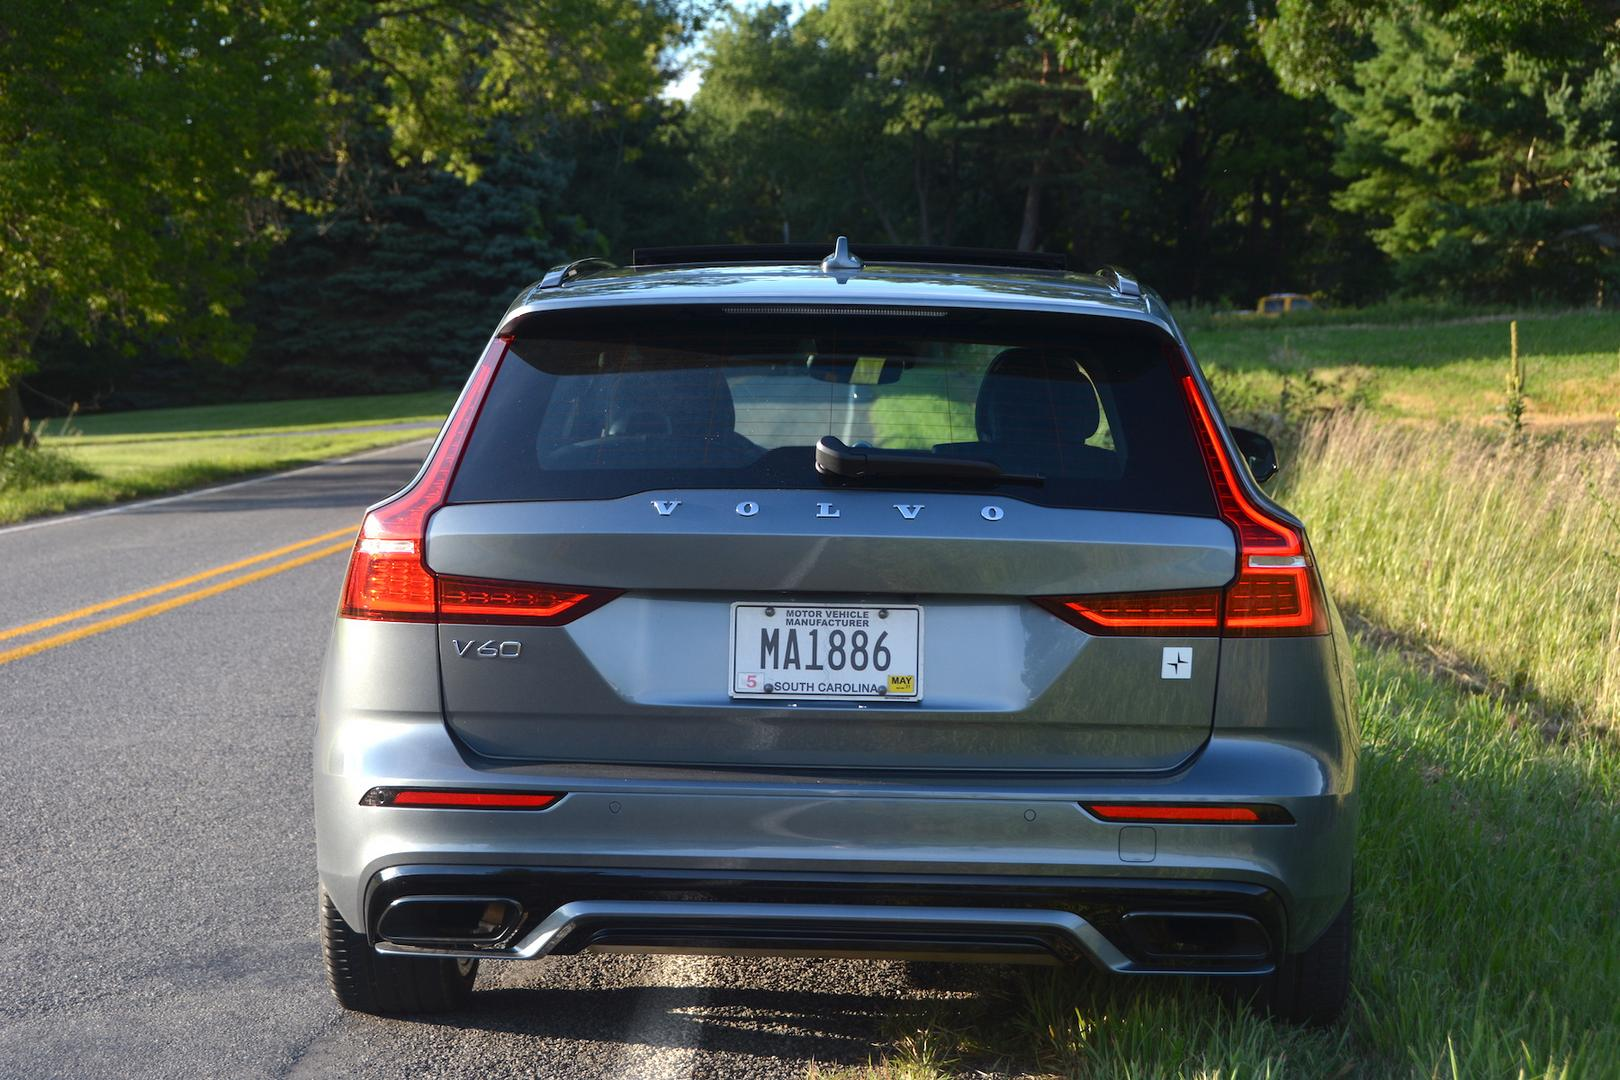 Volvo V60 T8 Polestar Rear